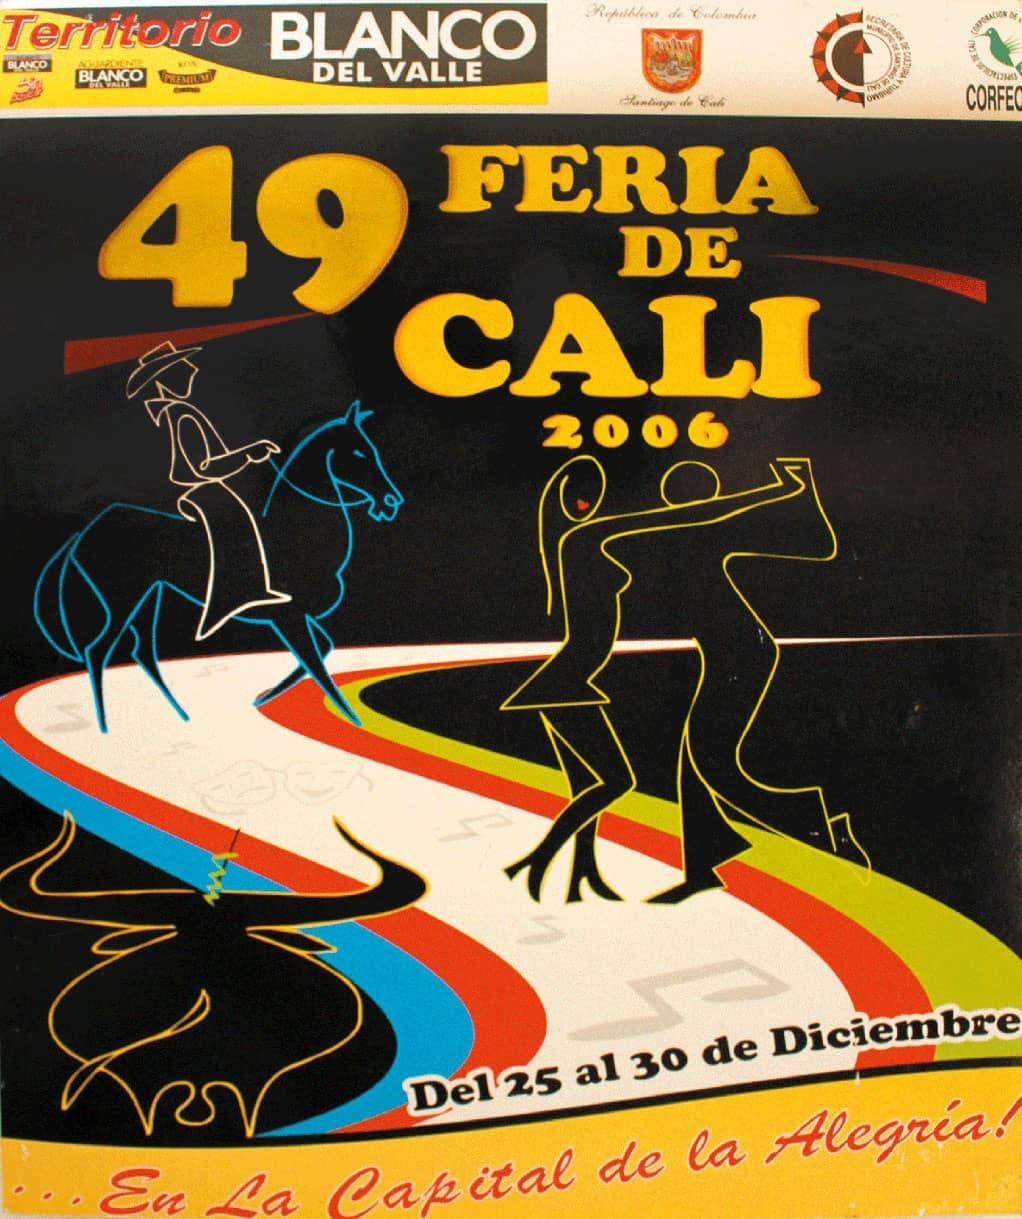 Afiche-Feria-de-Cali-49-2006